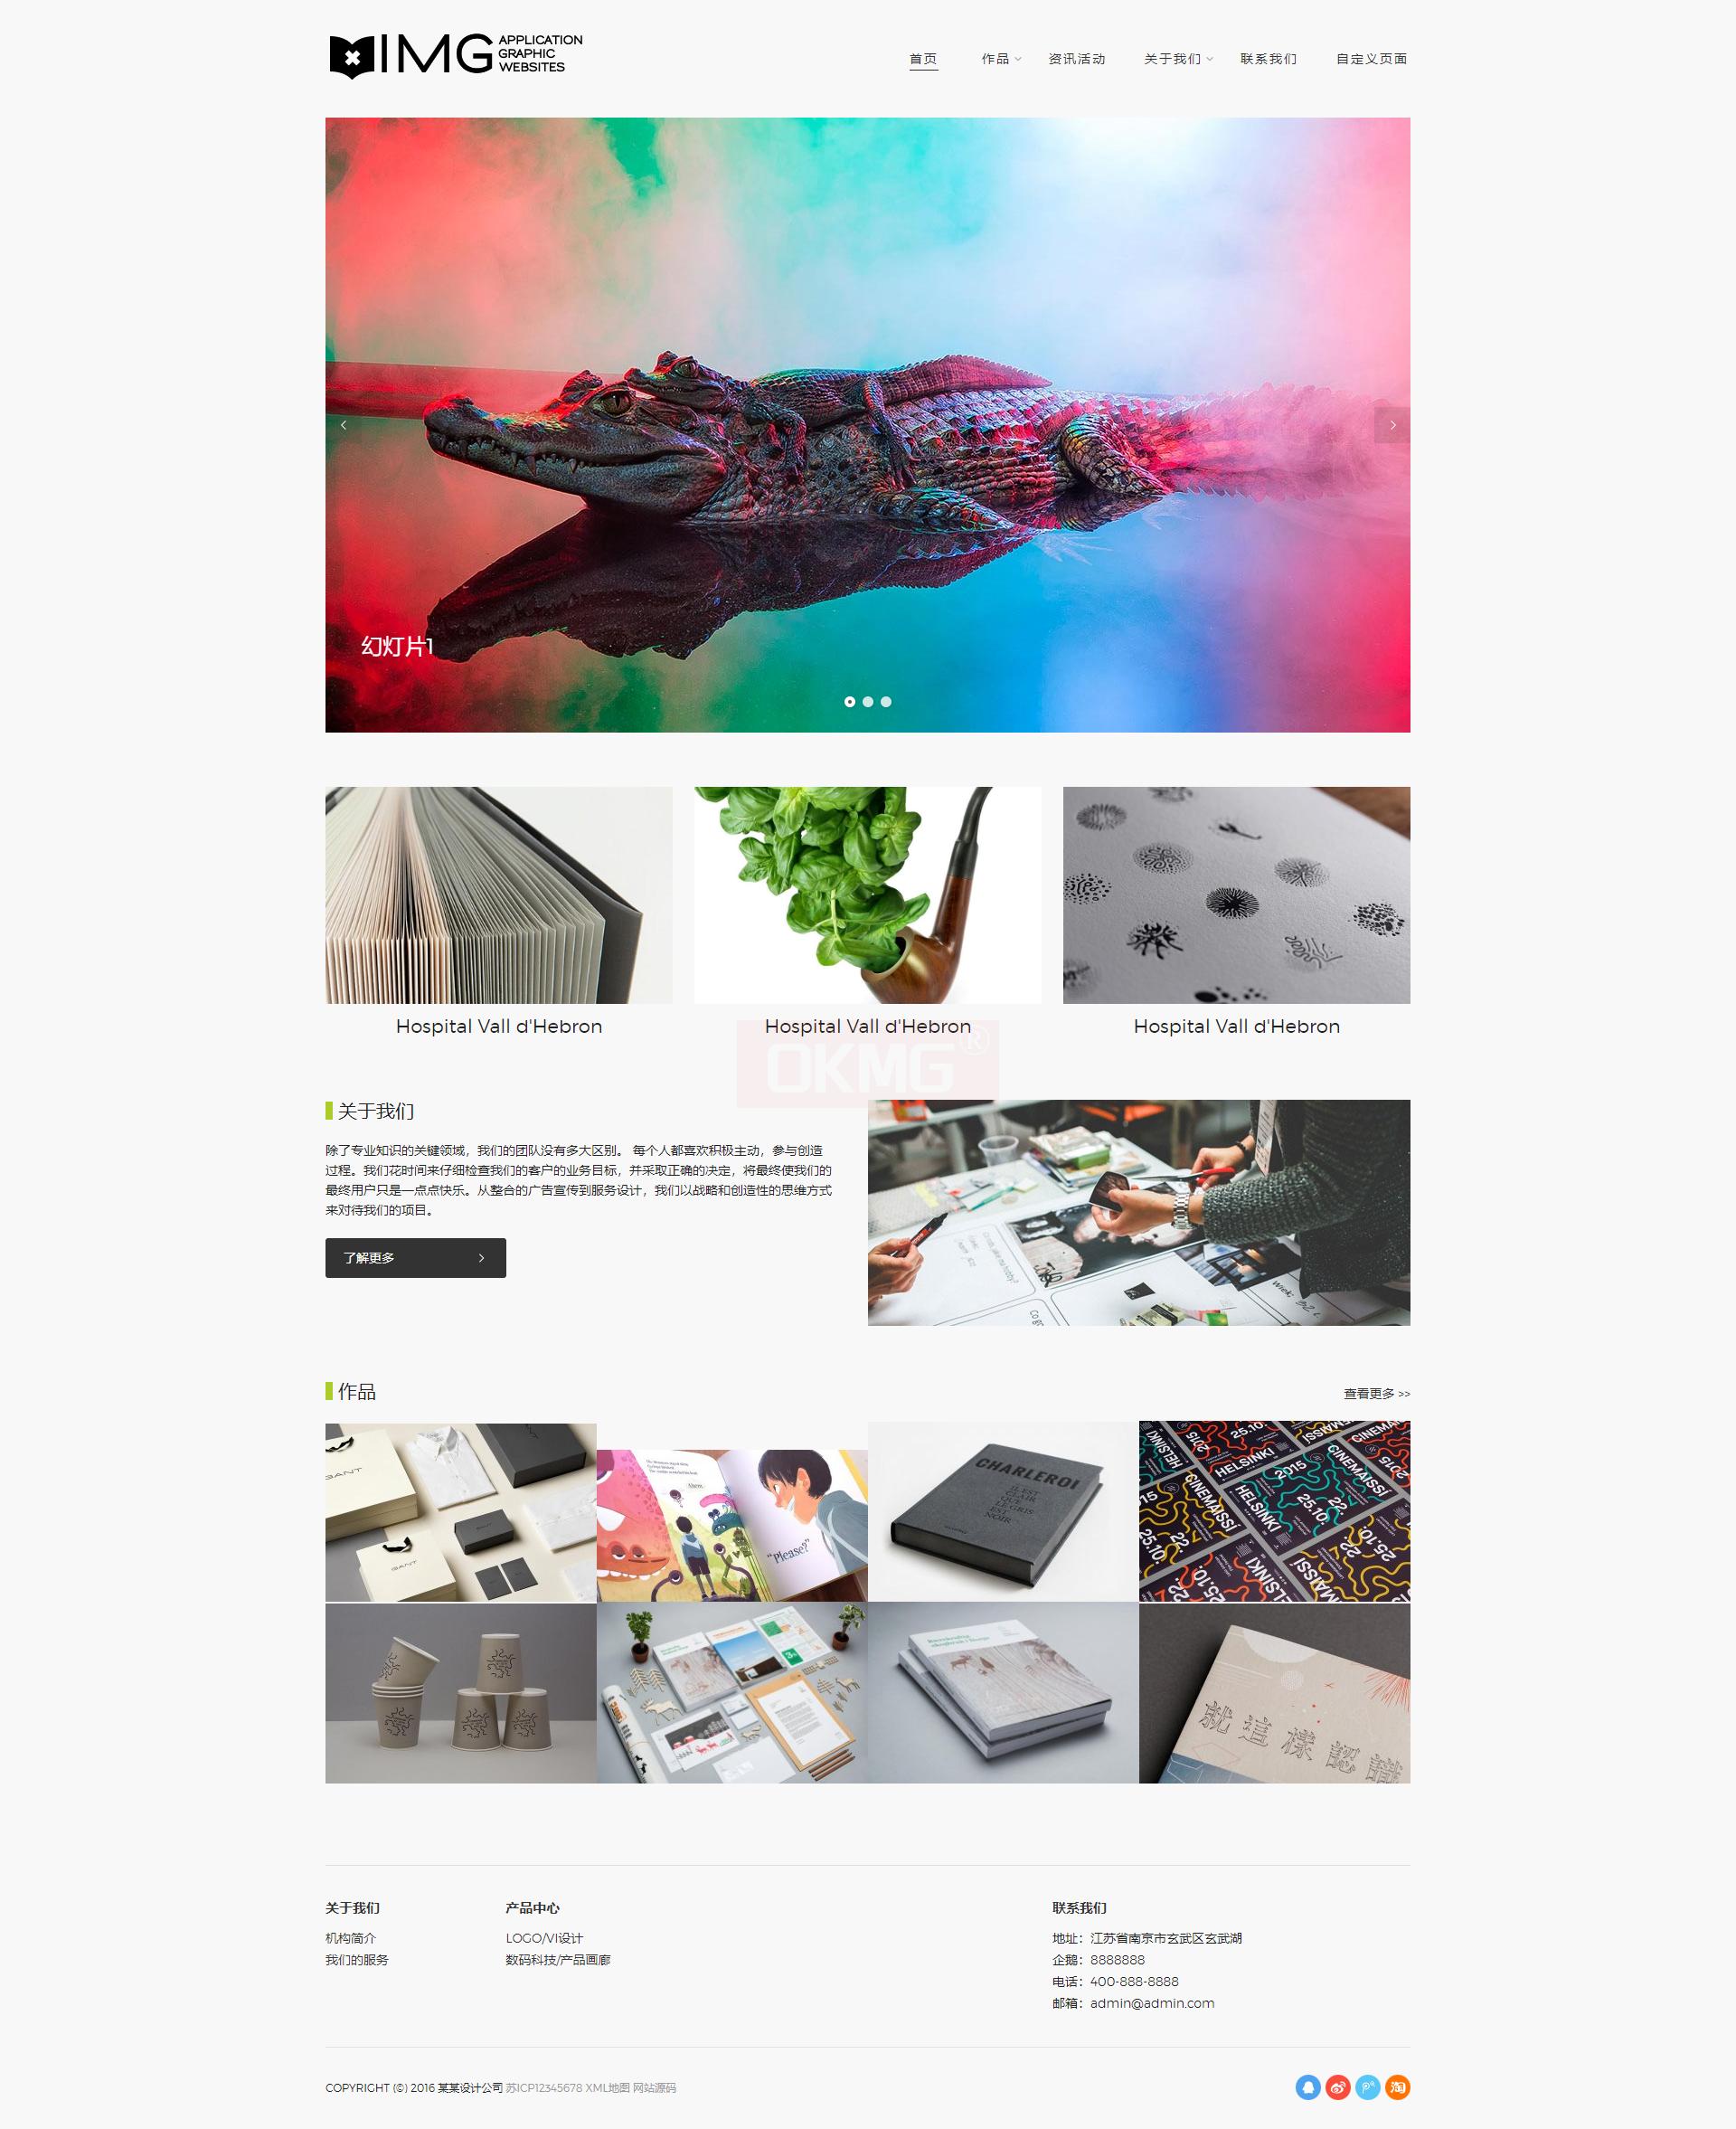 (自适应手机版)响应式高端轻型摄影相册杂志织梦网站模板源码下载